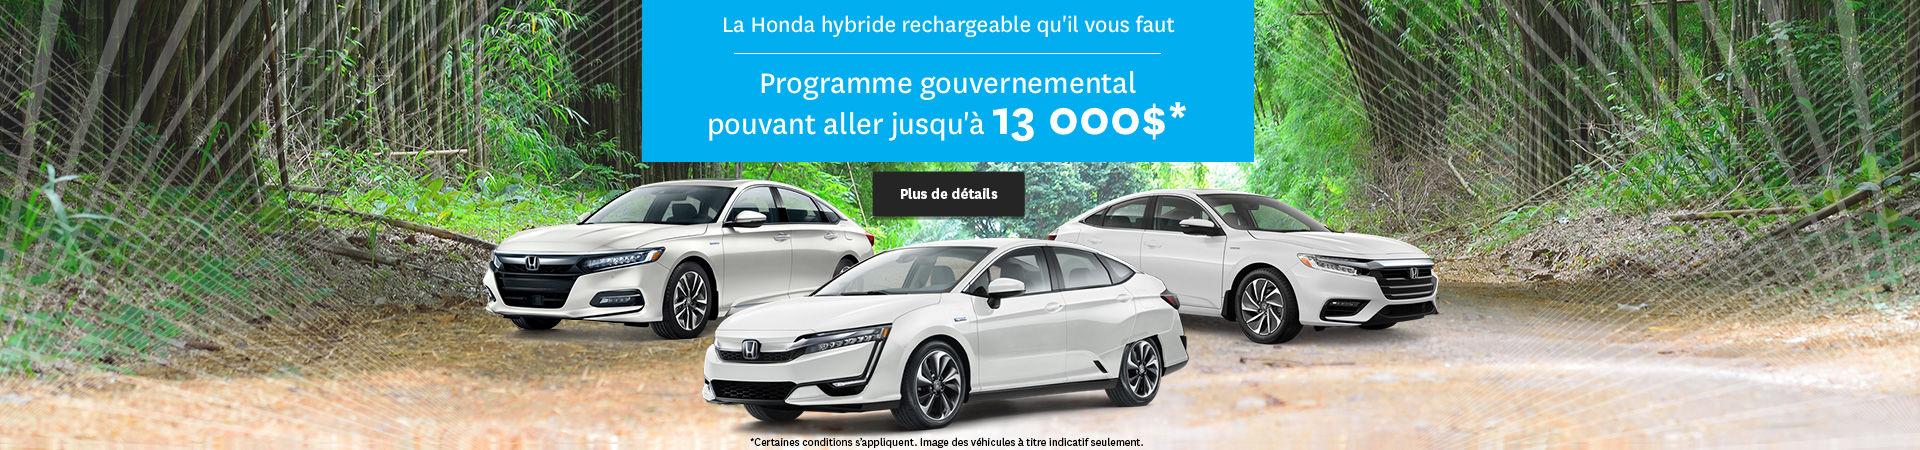 La Honda hybride ou branchable qu'il vous faut